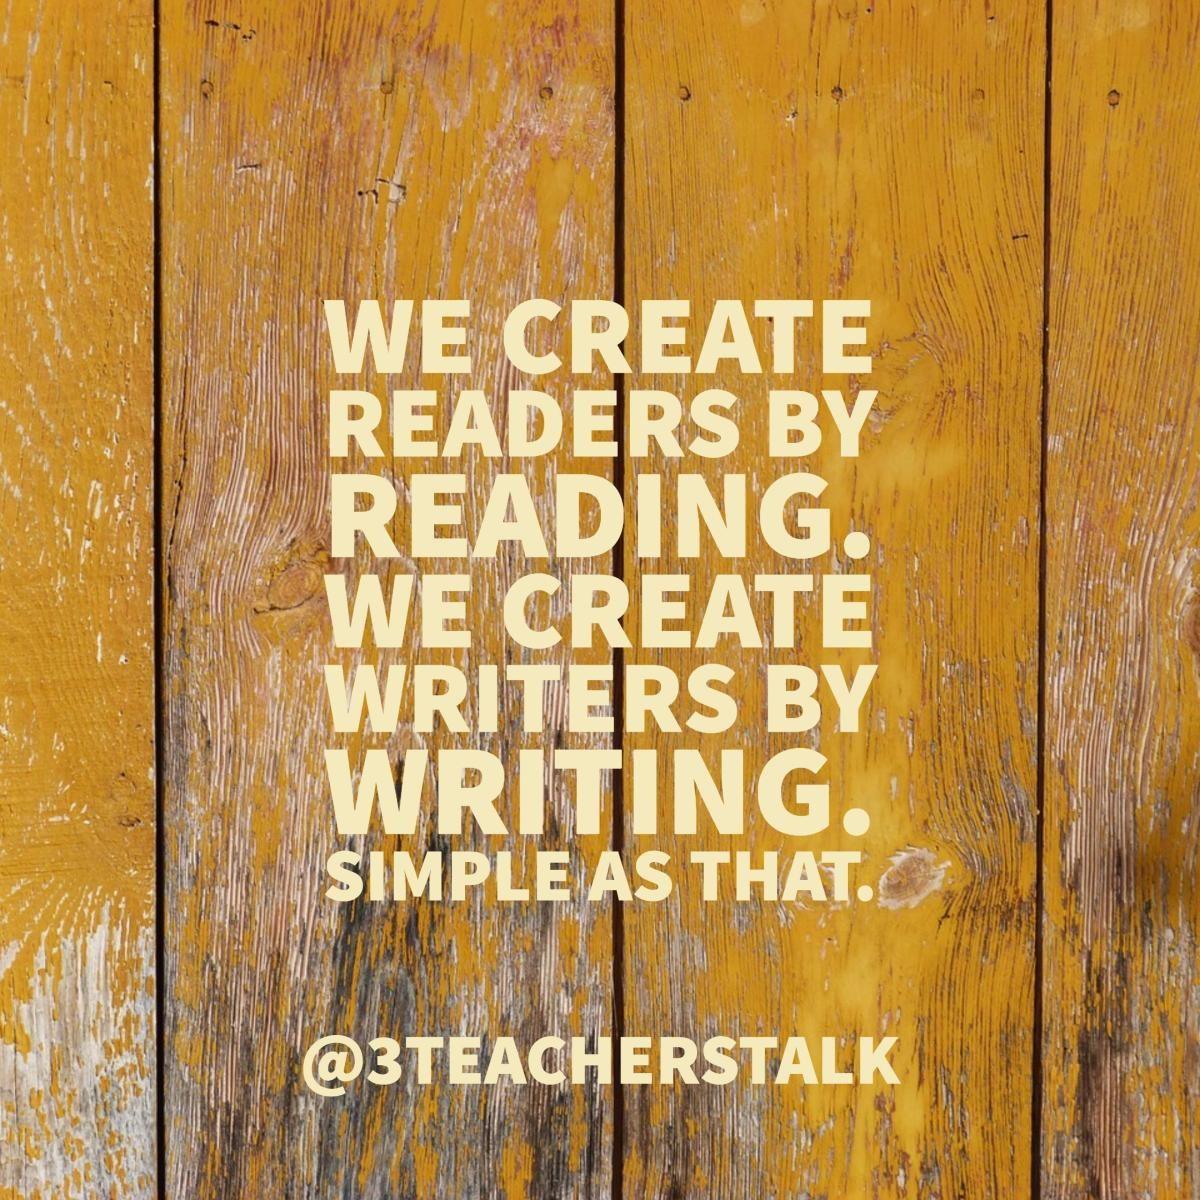 Every Teacher a Reader. Every Teacher a Writer. https://t.co/WdbRWCG7Ls via @3TeachersTalk https://t.co/AZ1qTe5ee6